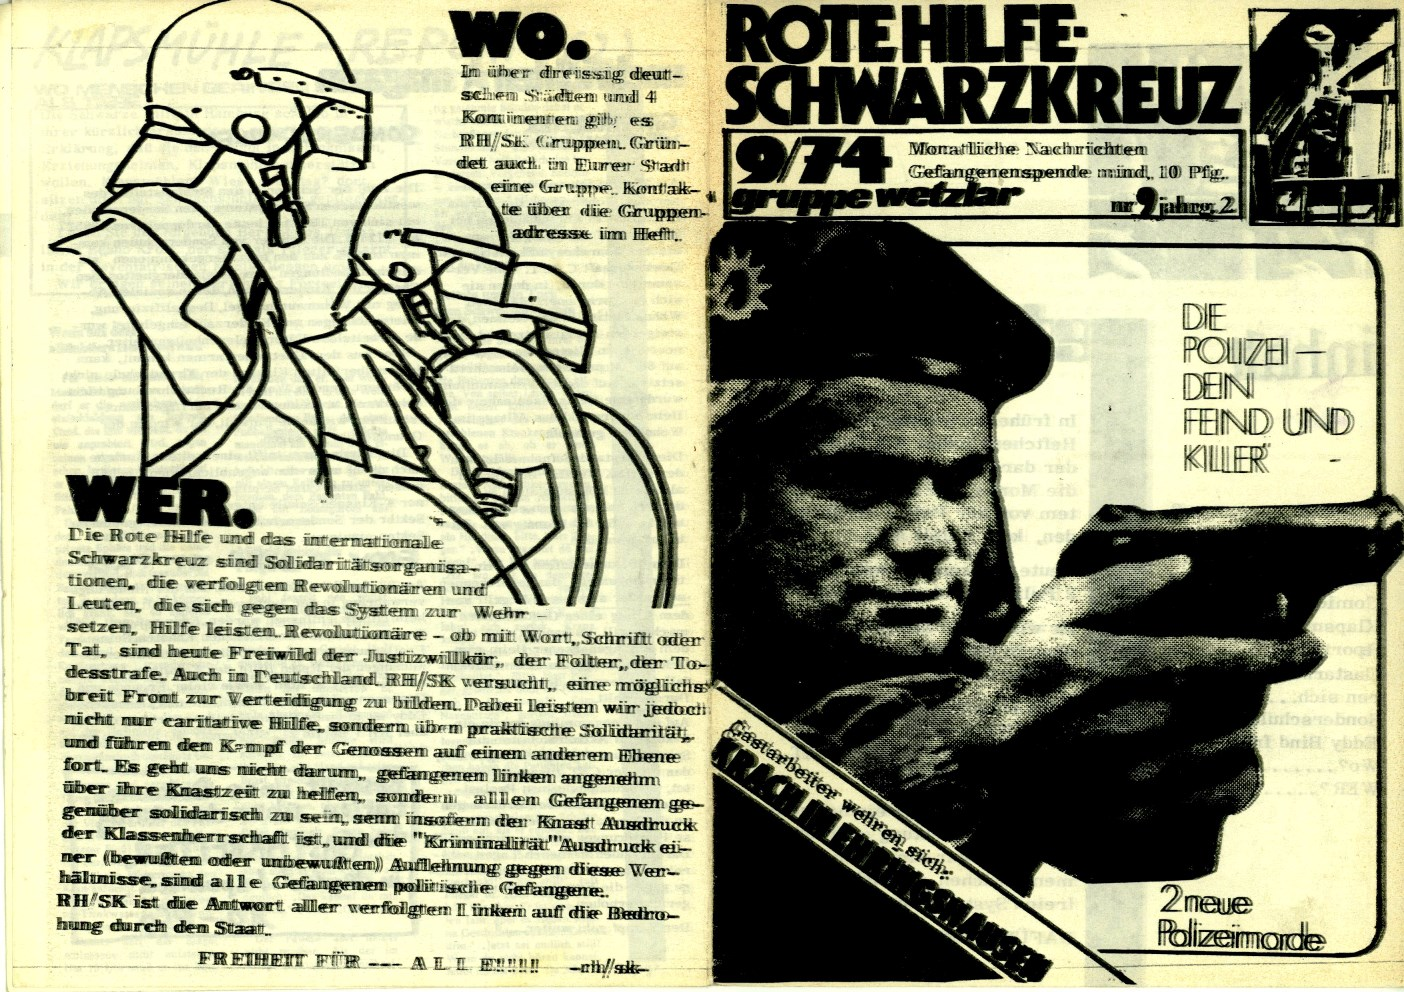 Wetzlar_RH_SK_Nachrichten_1974_09_01